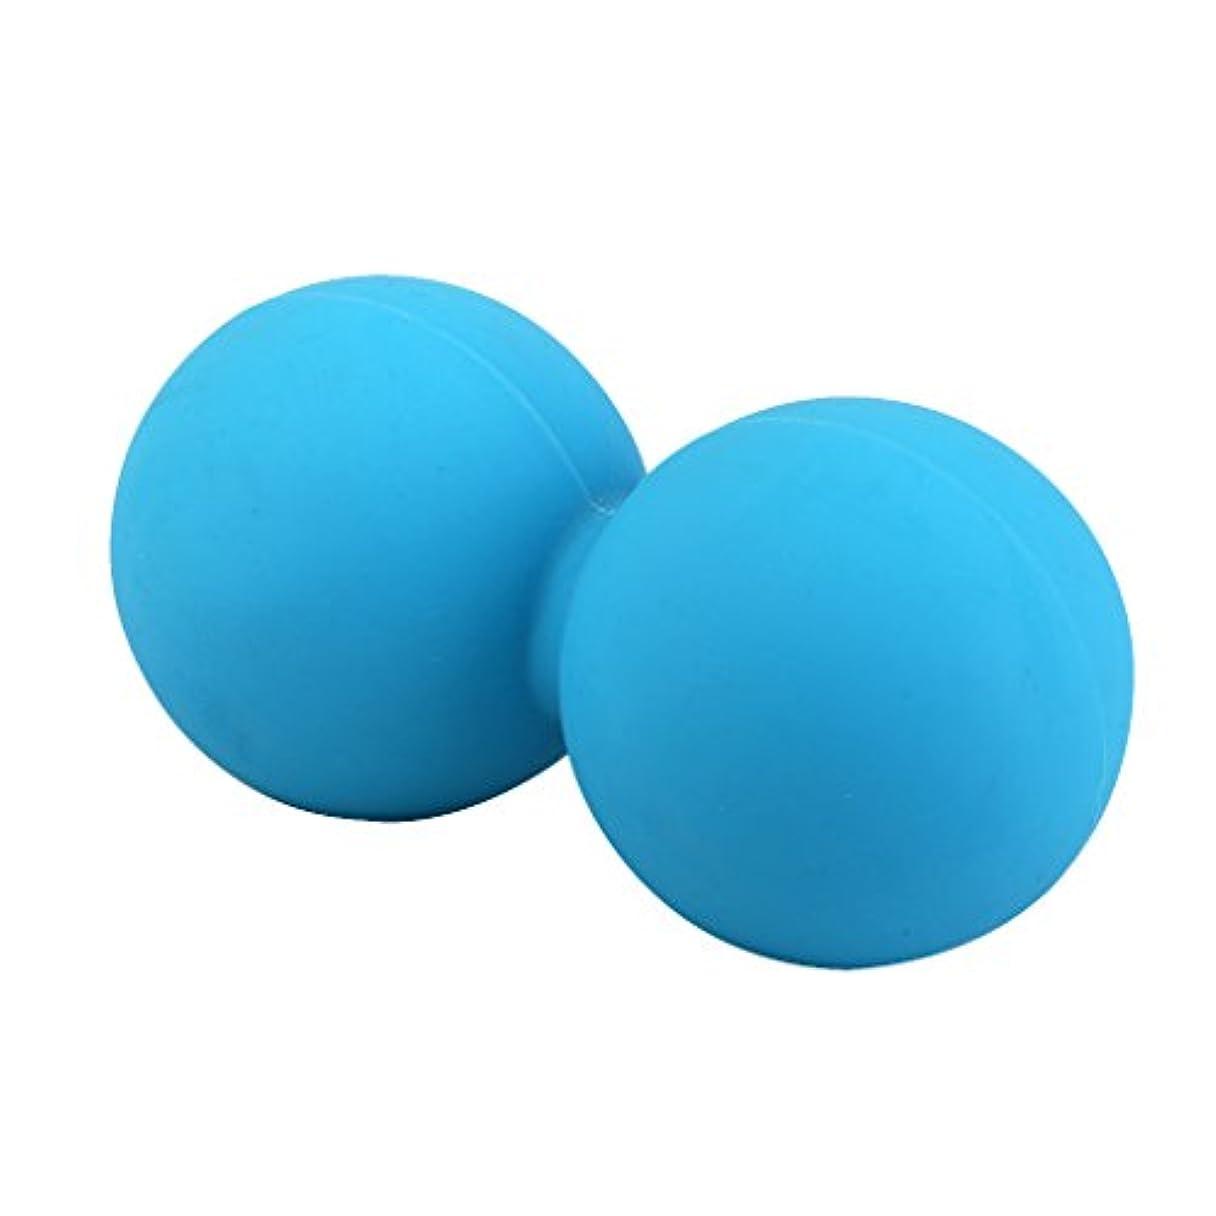 剣意識的酸化物Footful マッサージボール 健康グッズ 健康器具 血液循環促進 緊張緩和 ブルー 固体